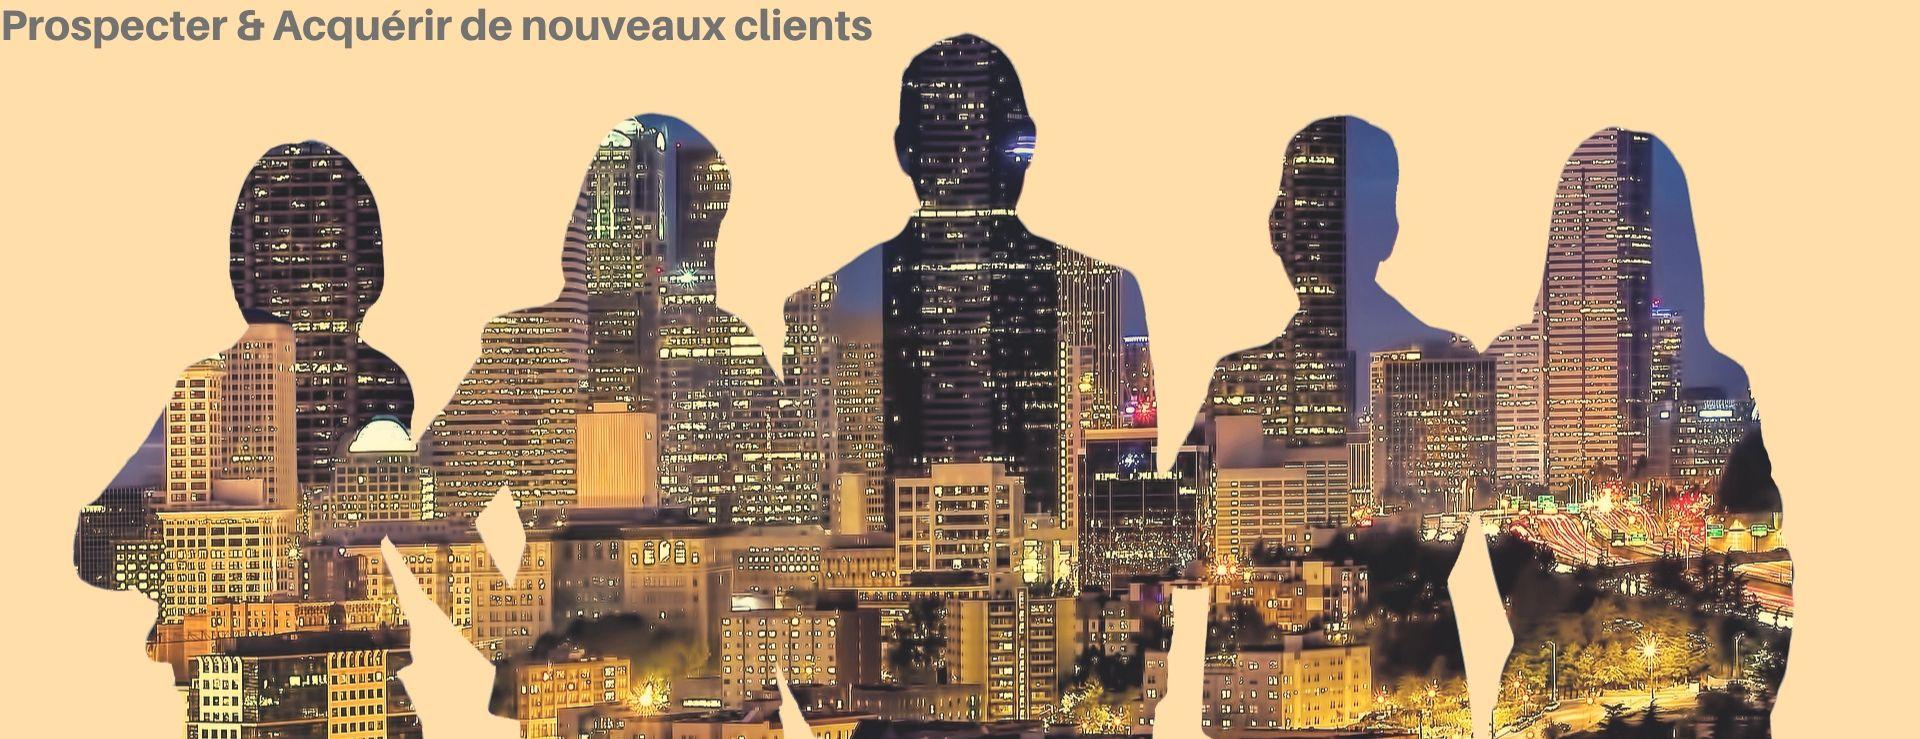 Prospecter & Acquérir de nouveaux clients